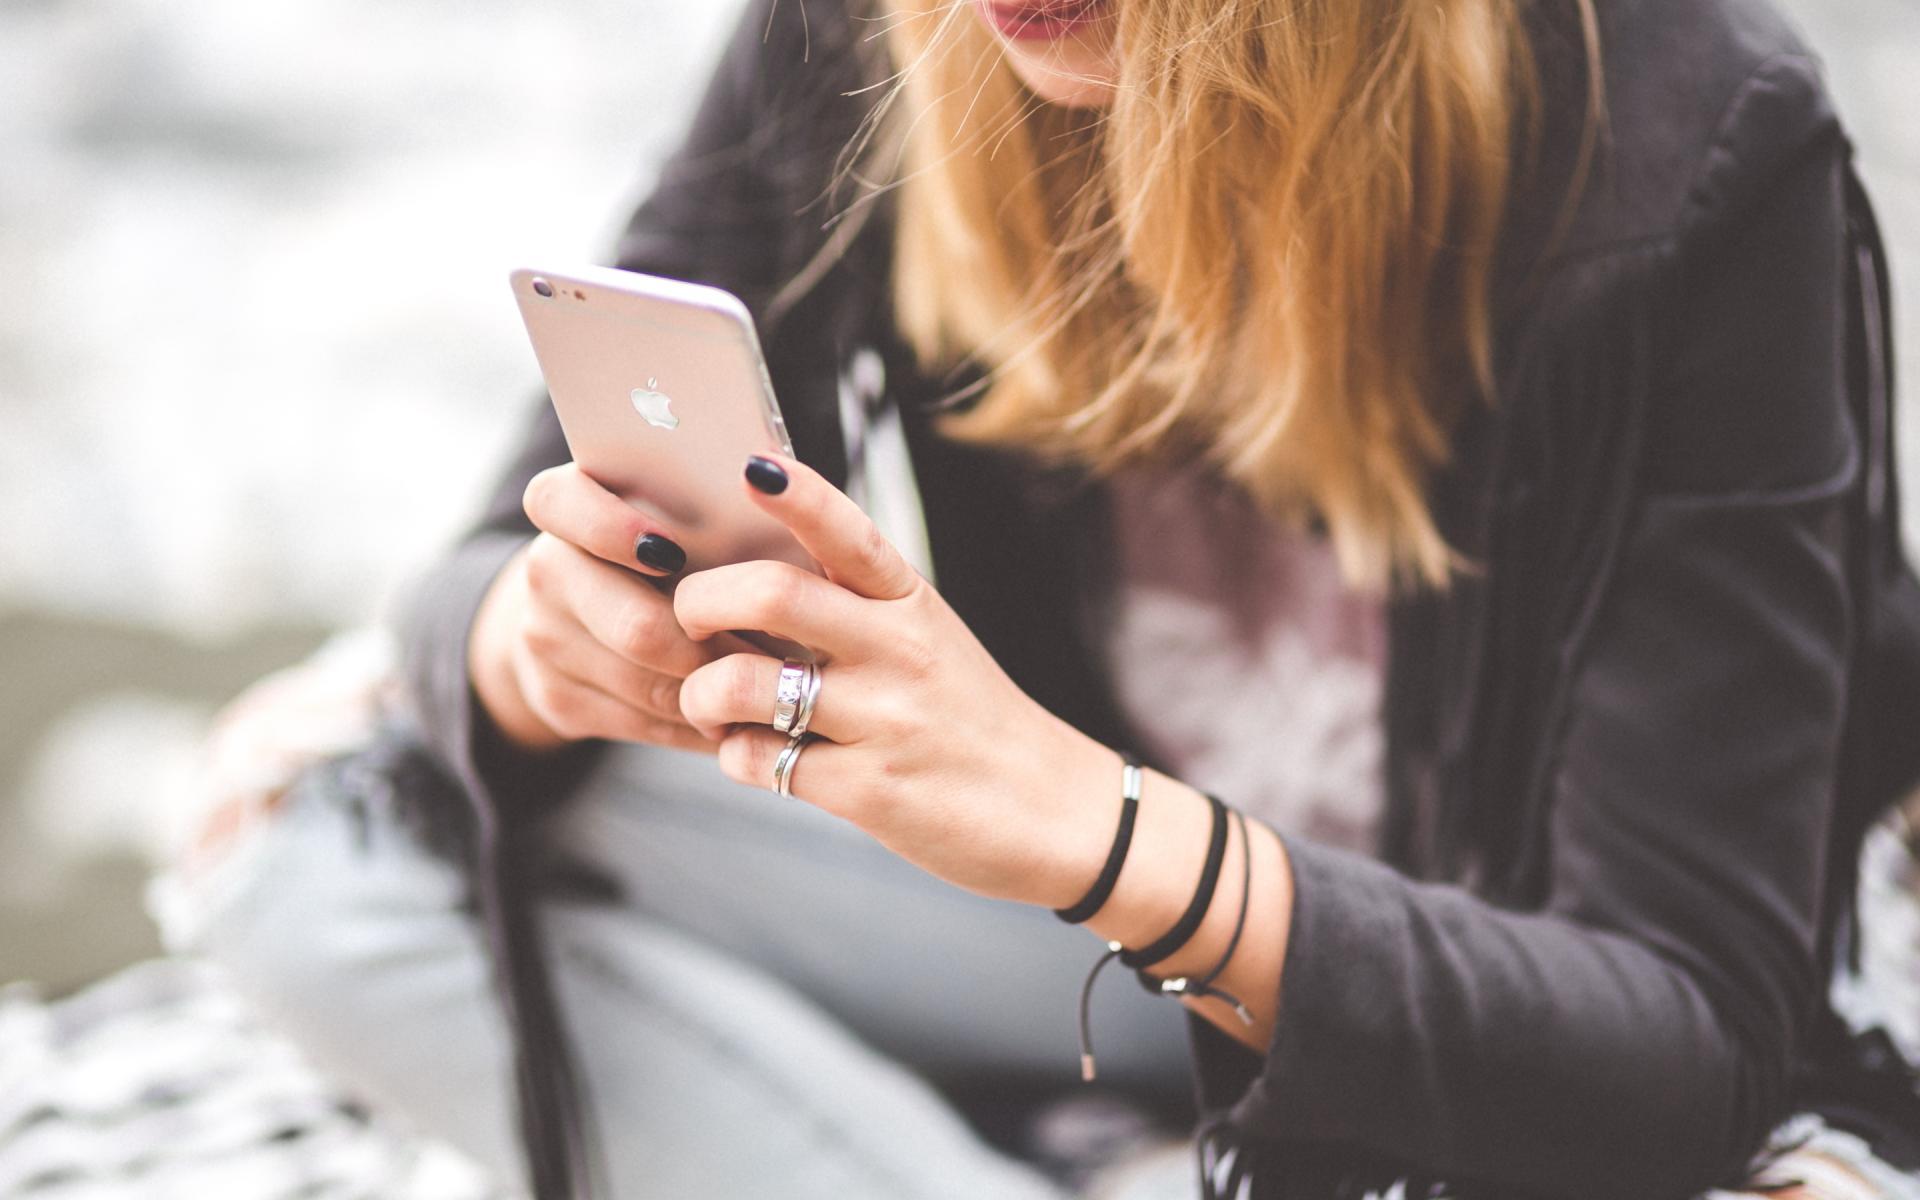 Картинки для мобильных девочками